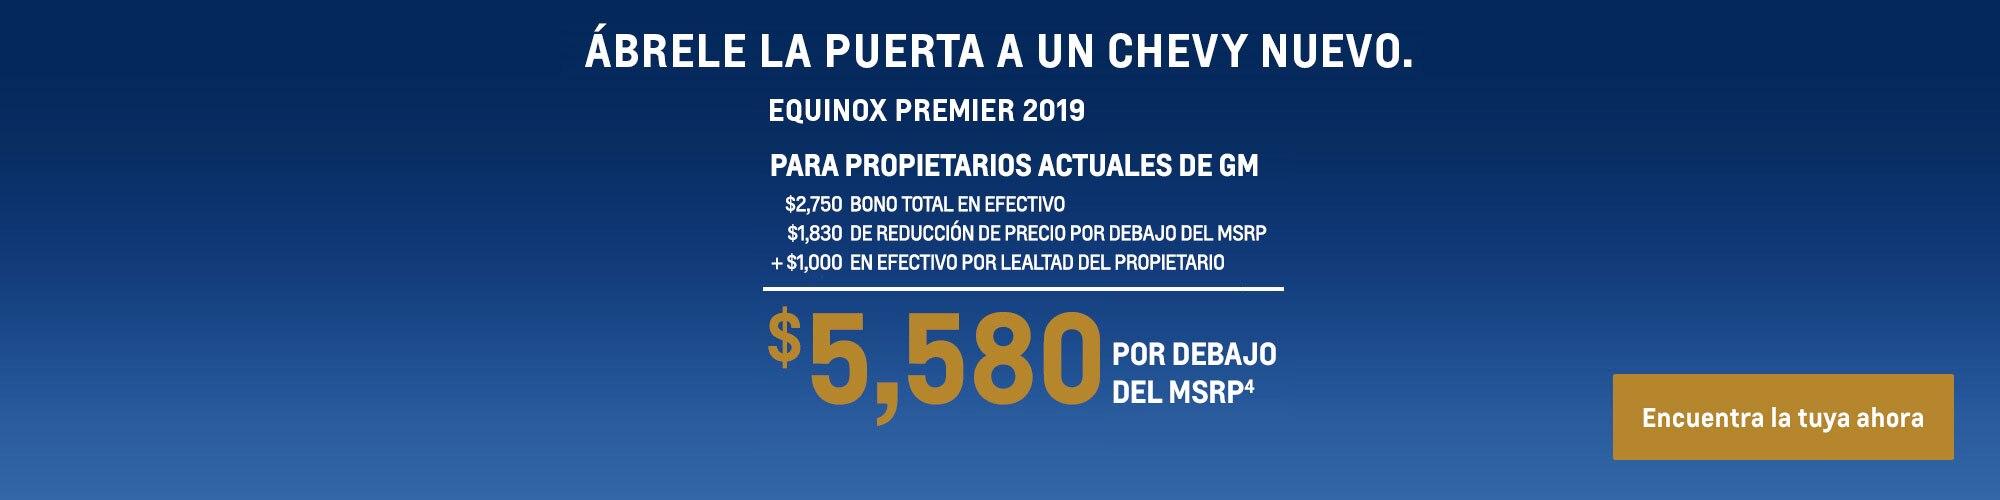 Equinox 2019: $5,580 Por debajo del MSRP